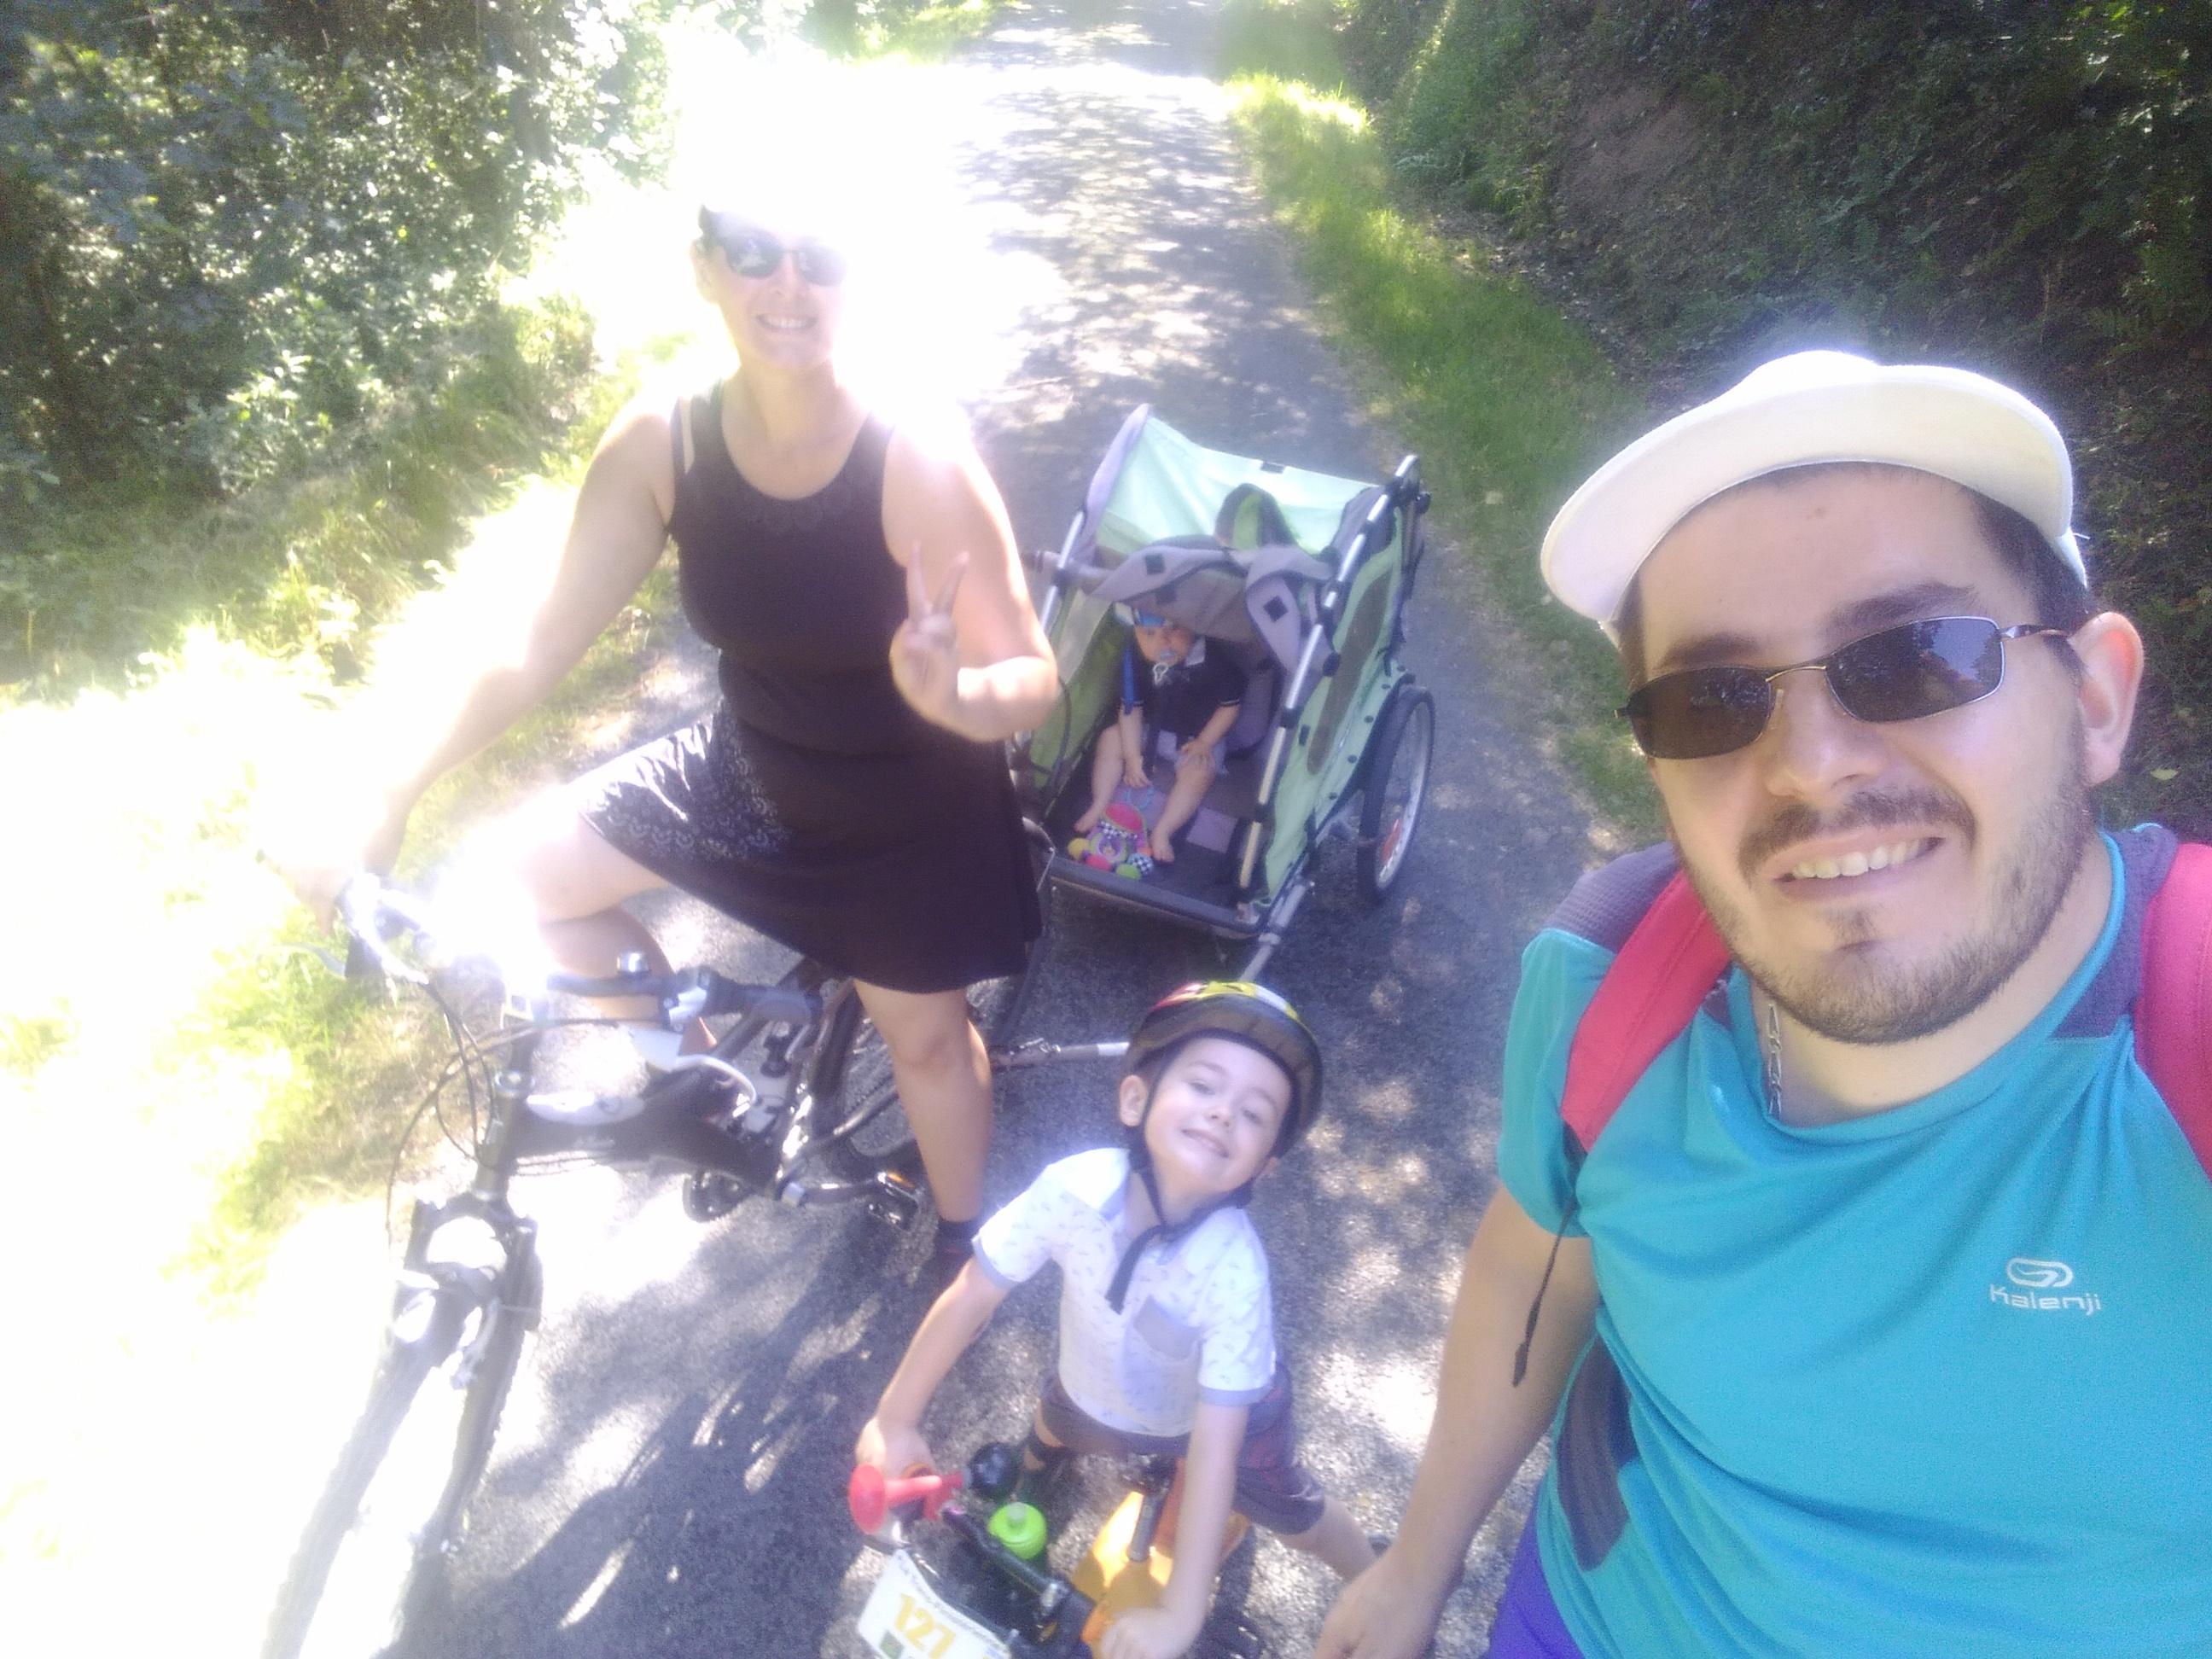 Sacha Le Meur – Famille Nombreuse